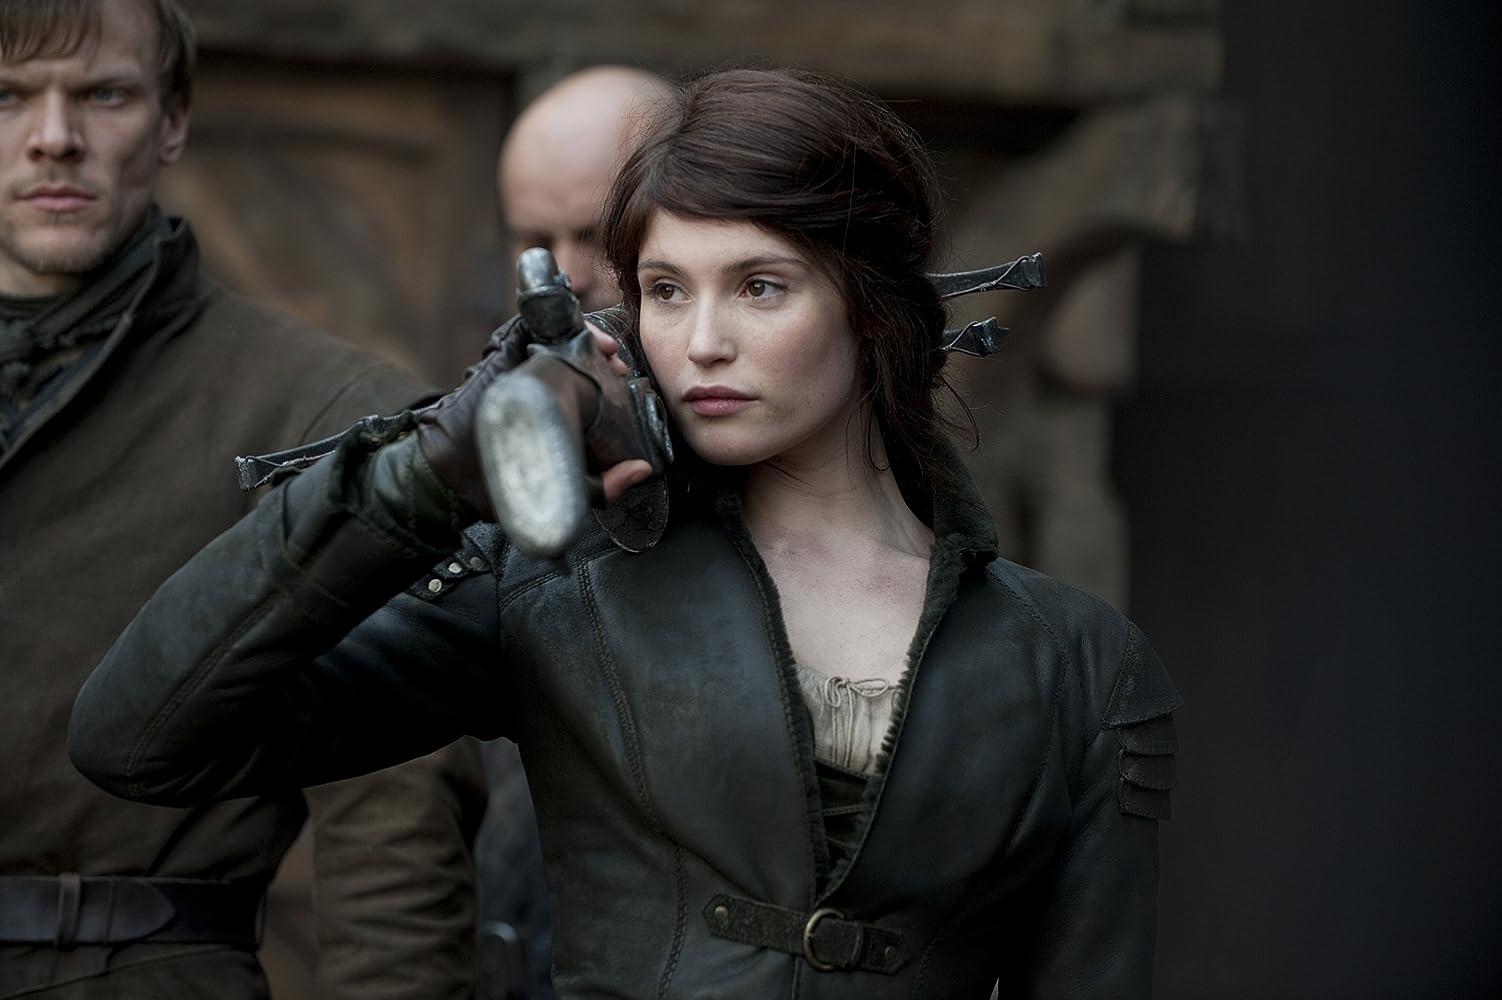 Gemma Arterton in Hansel & Gretel: Witch Hunters (2013)